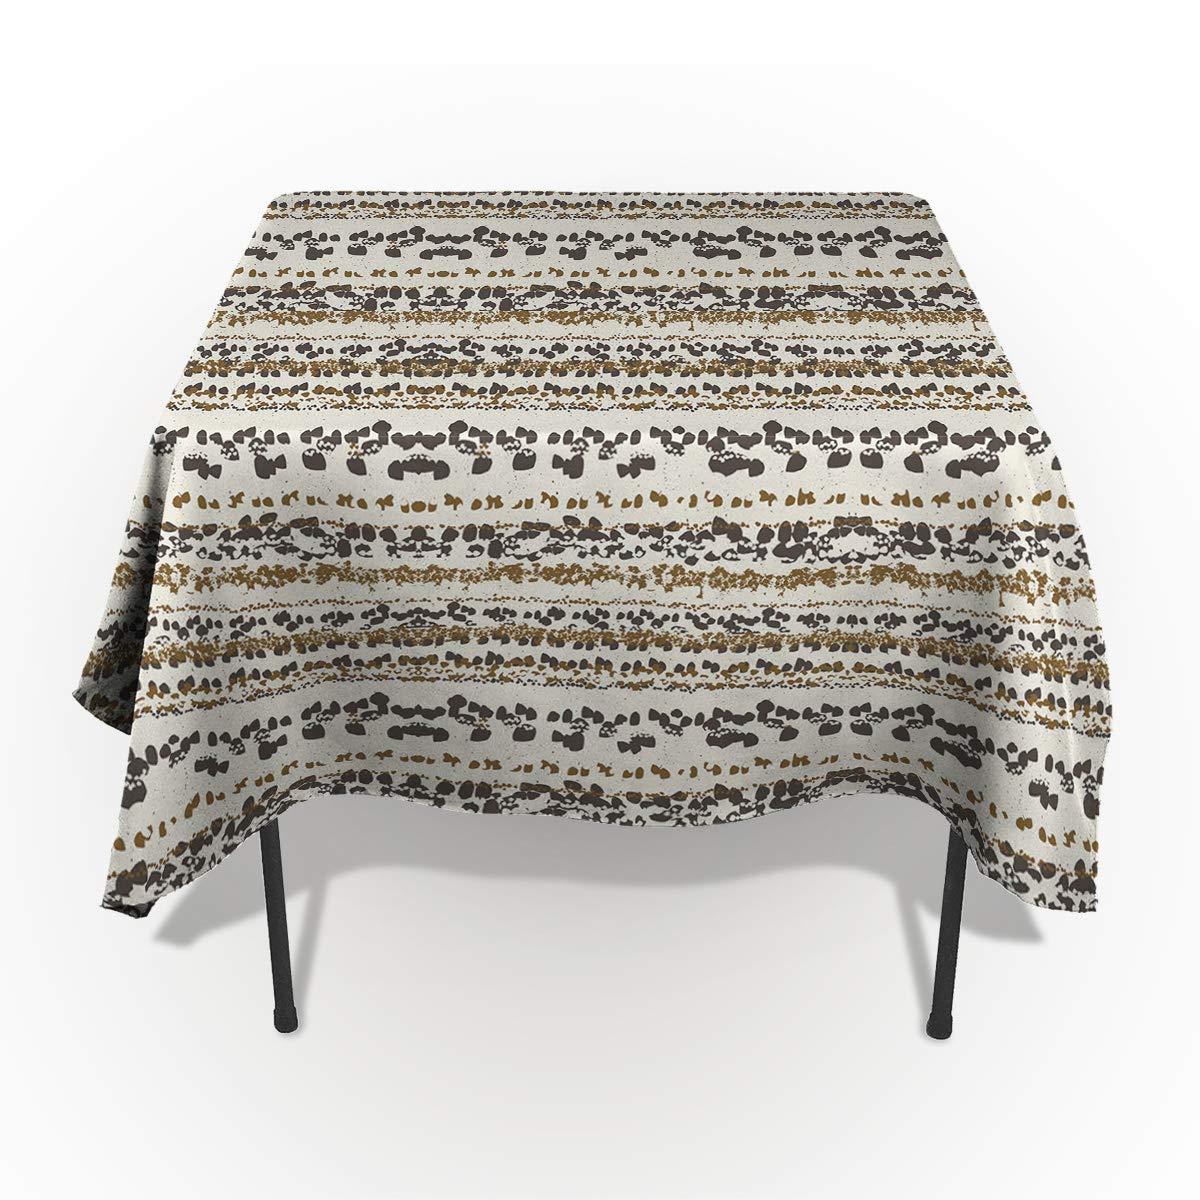 SODIKA テーブルクロス しわ防止 テーブルカバー こぼれ防止 キッチン用 アイランドのクラウディフォレストのスタジオの眺め ブラックとホワイト 53